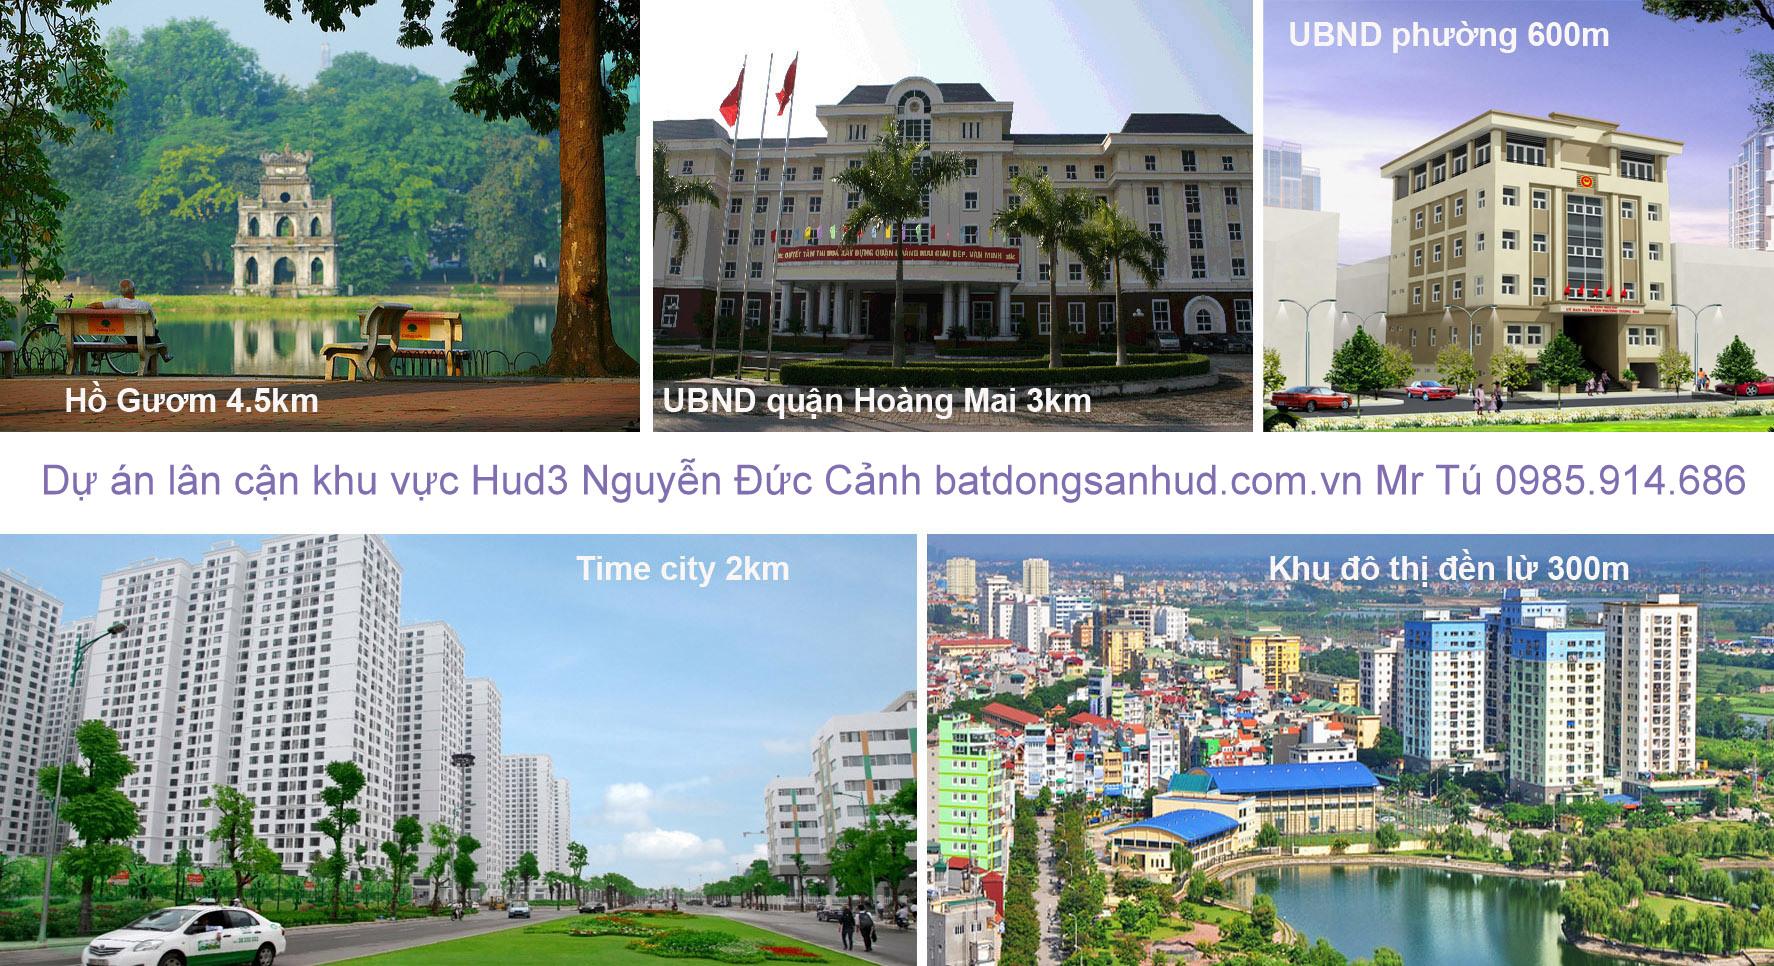 Môi trường cảnh quan của chung cư do chủ đầu tư HUD xây dựng 1